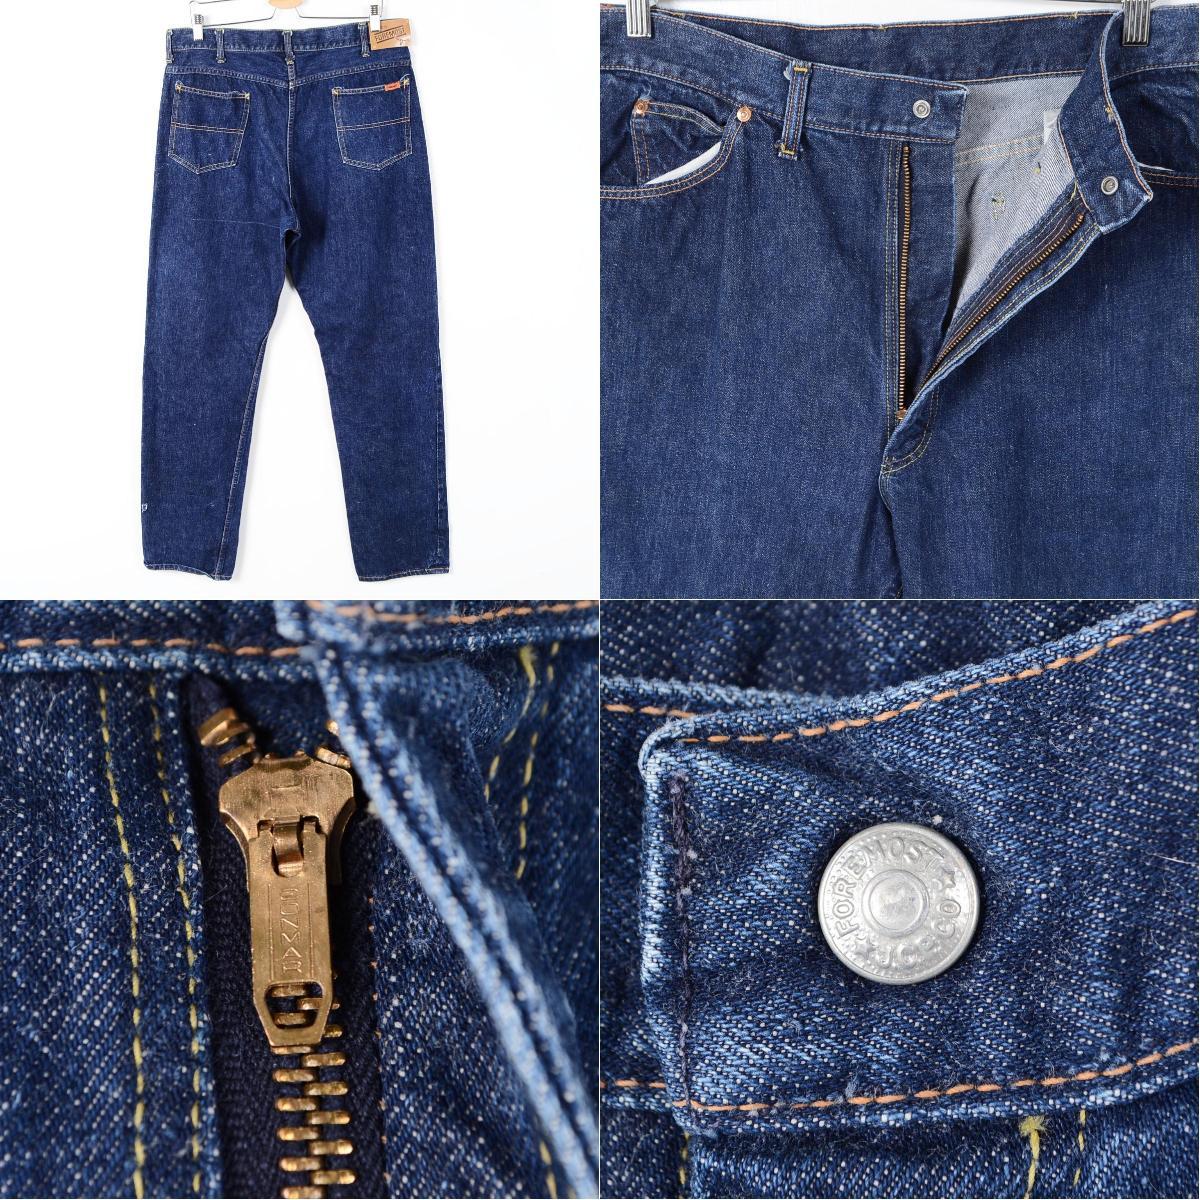 海军蓝色 60 jcpenny 至上片耳牛仔裤直牛仔长裤男装 w37 老式佩 /wel8491 151225